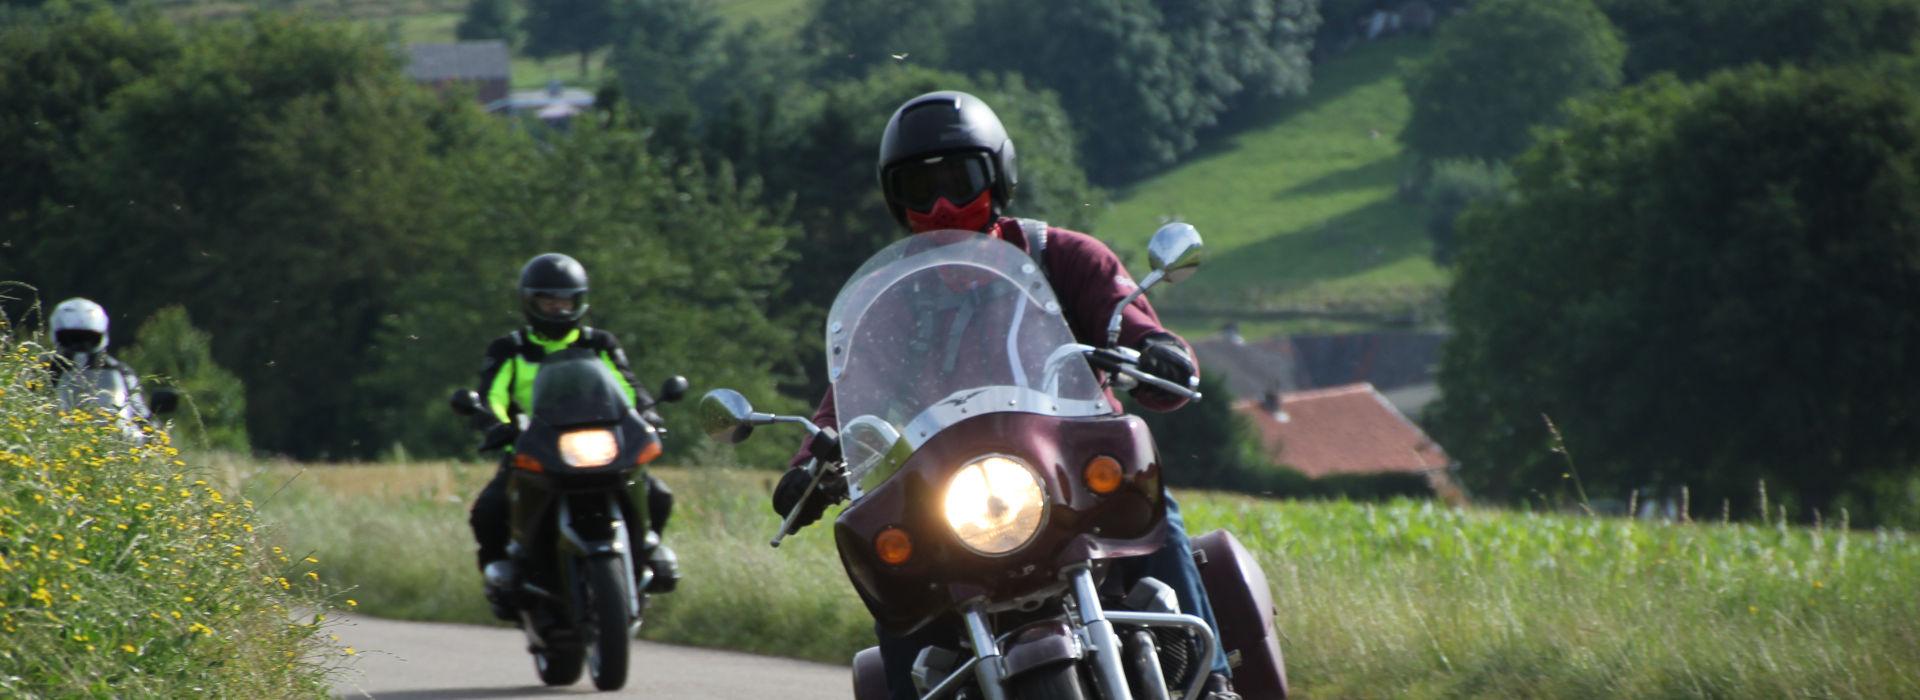 Motorrijschool Motorrijbewijspoint  Winsum motorrijlessen